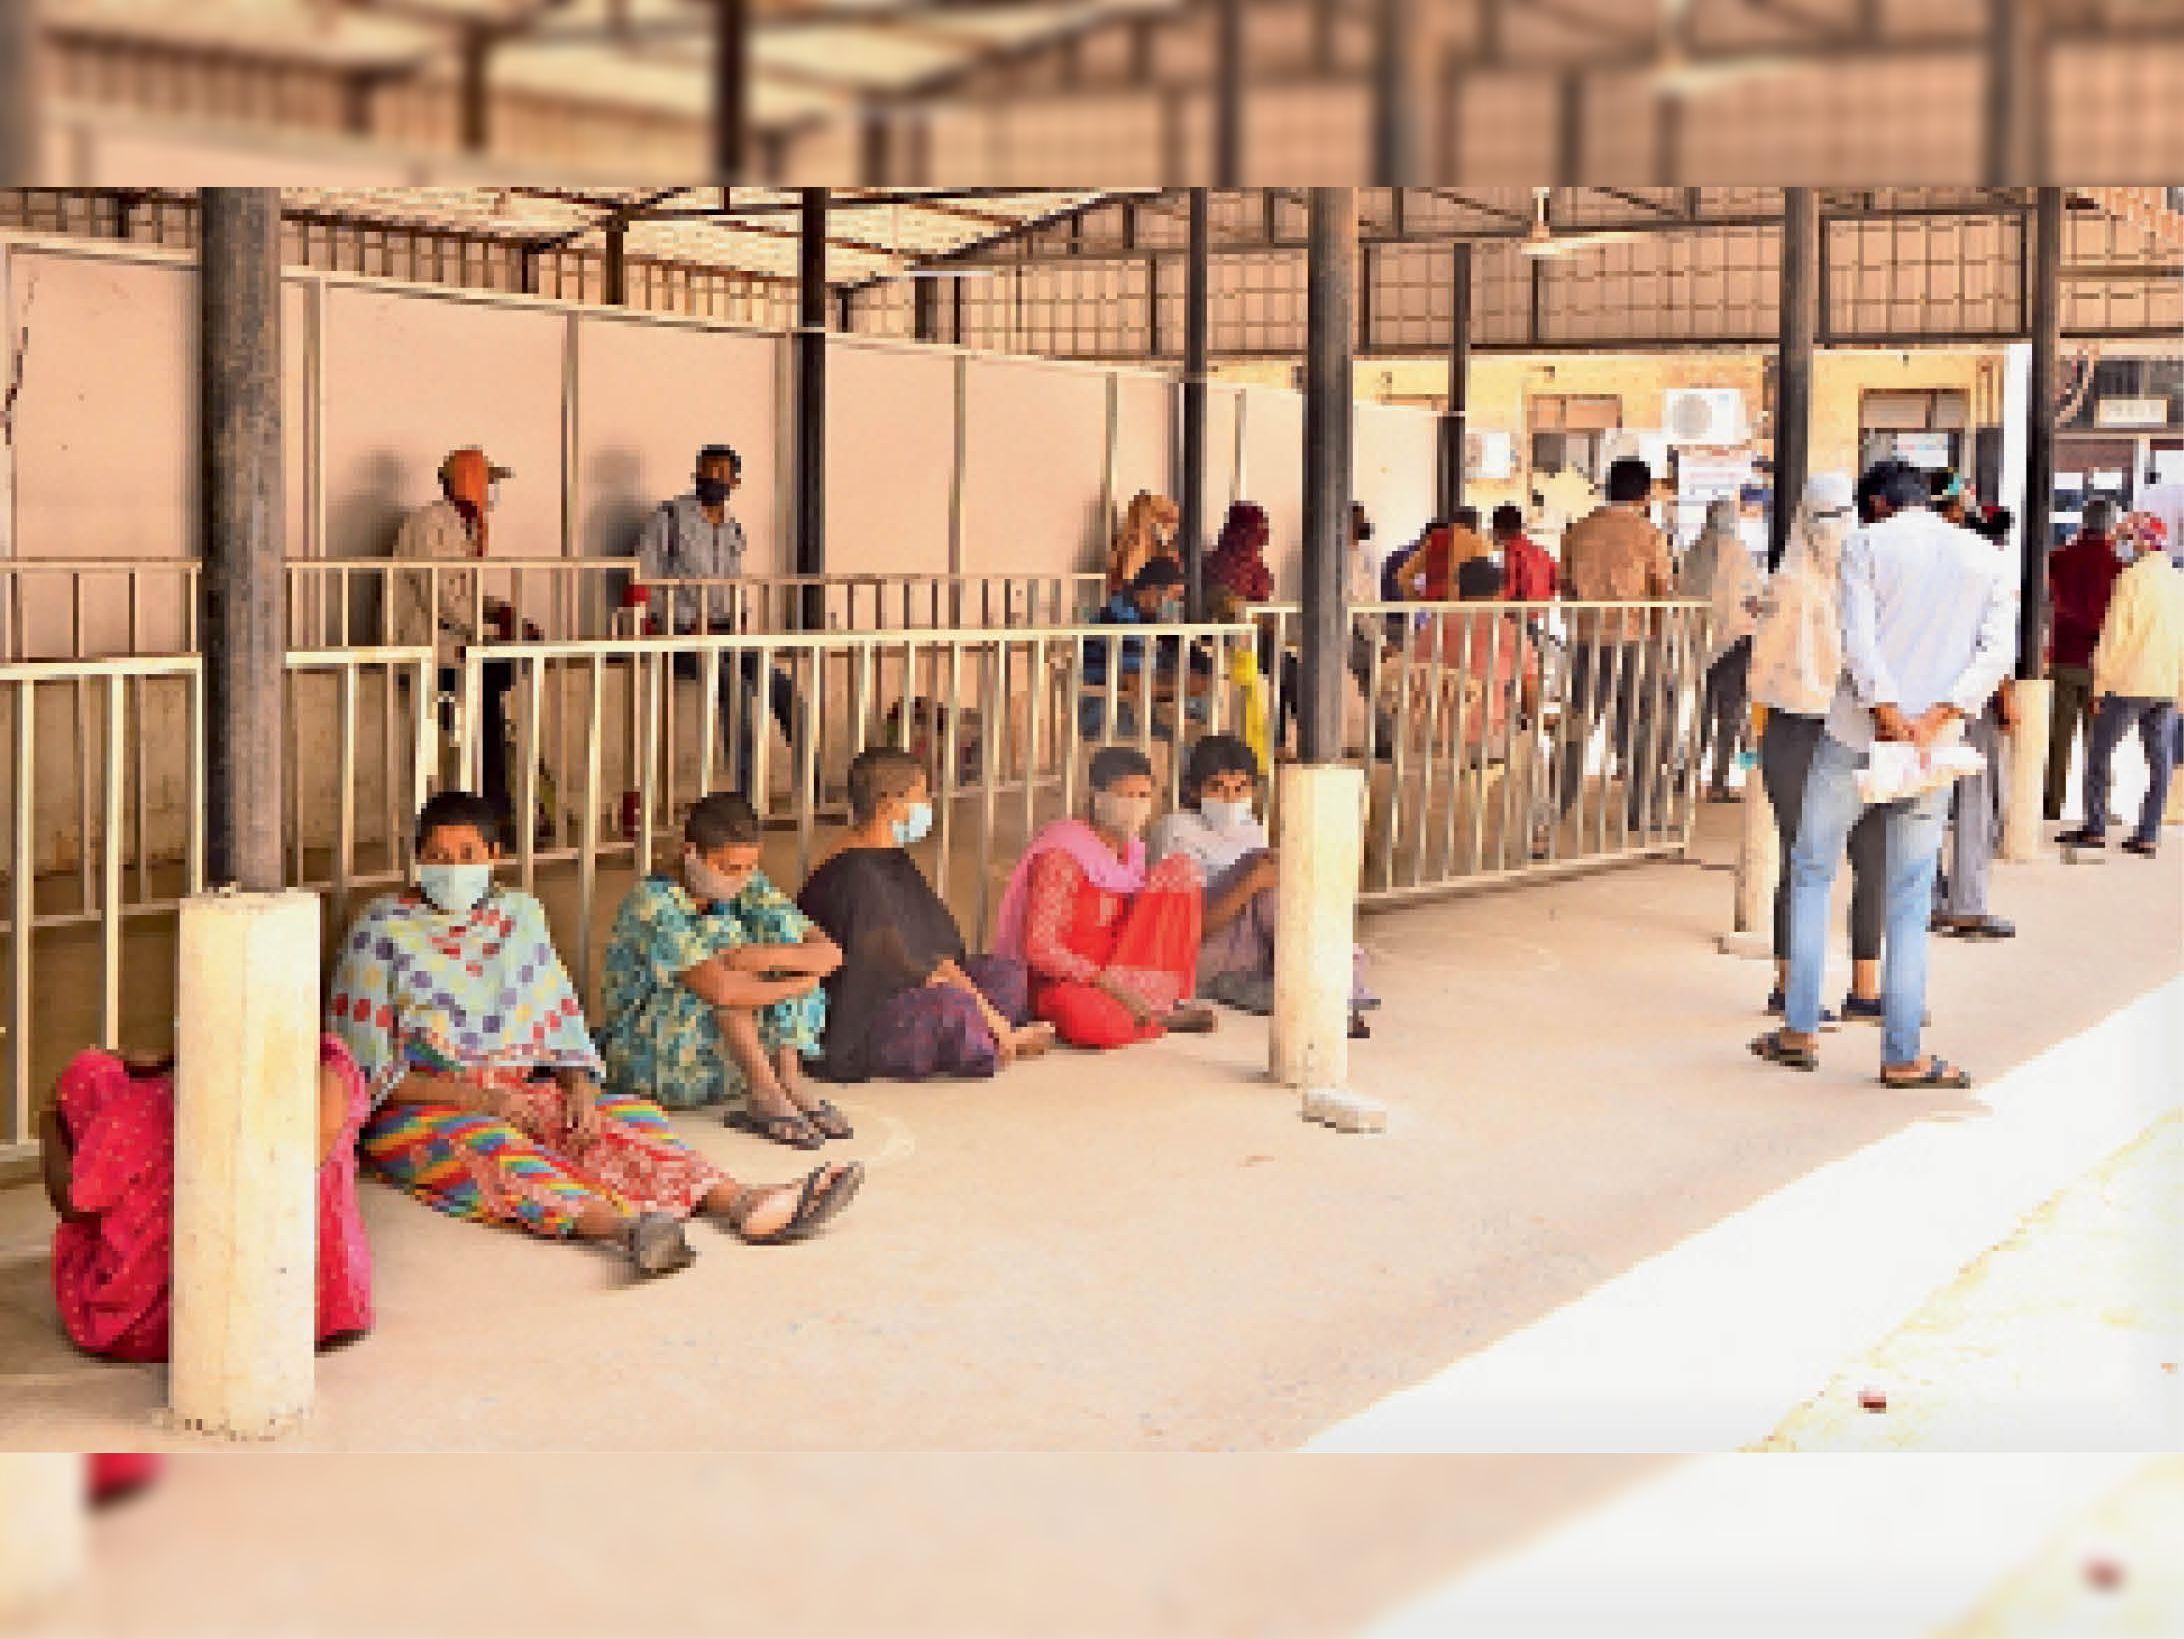 प्रदेश का तीसरा जिला बिलासपुर जहां एक्टिव केस 10 हजार से अधिक, 1424 मरीज, 64 की मृत्यु|बिलासपुर,Bilaspur - Dainik Bhaskar